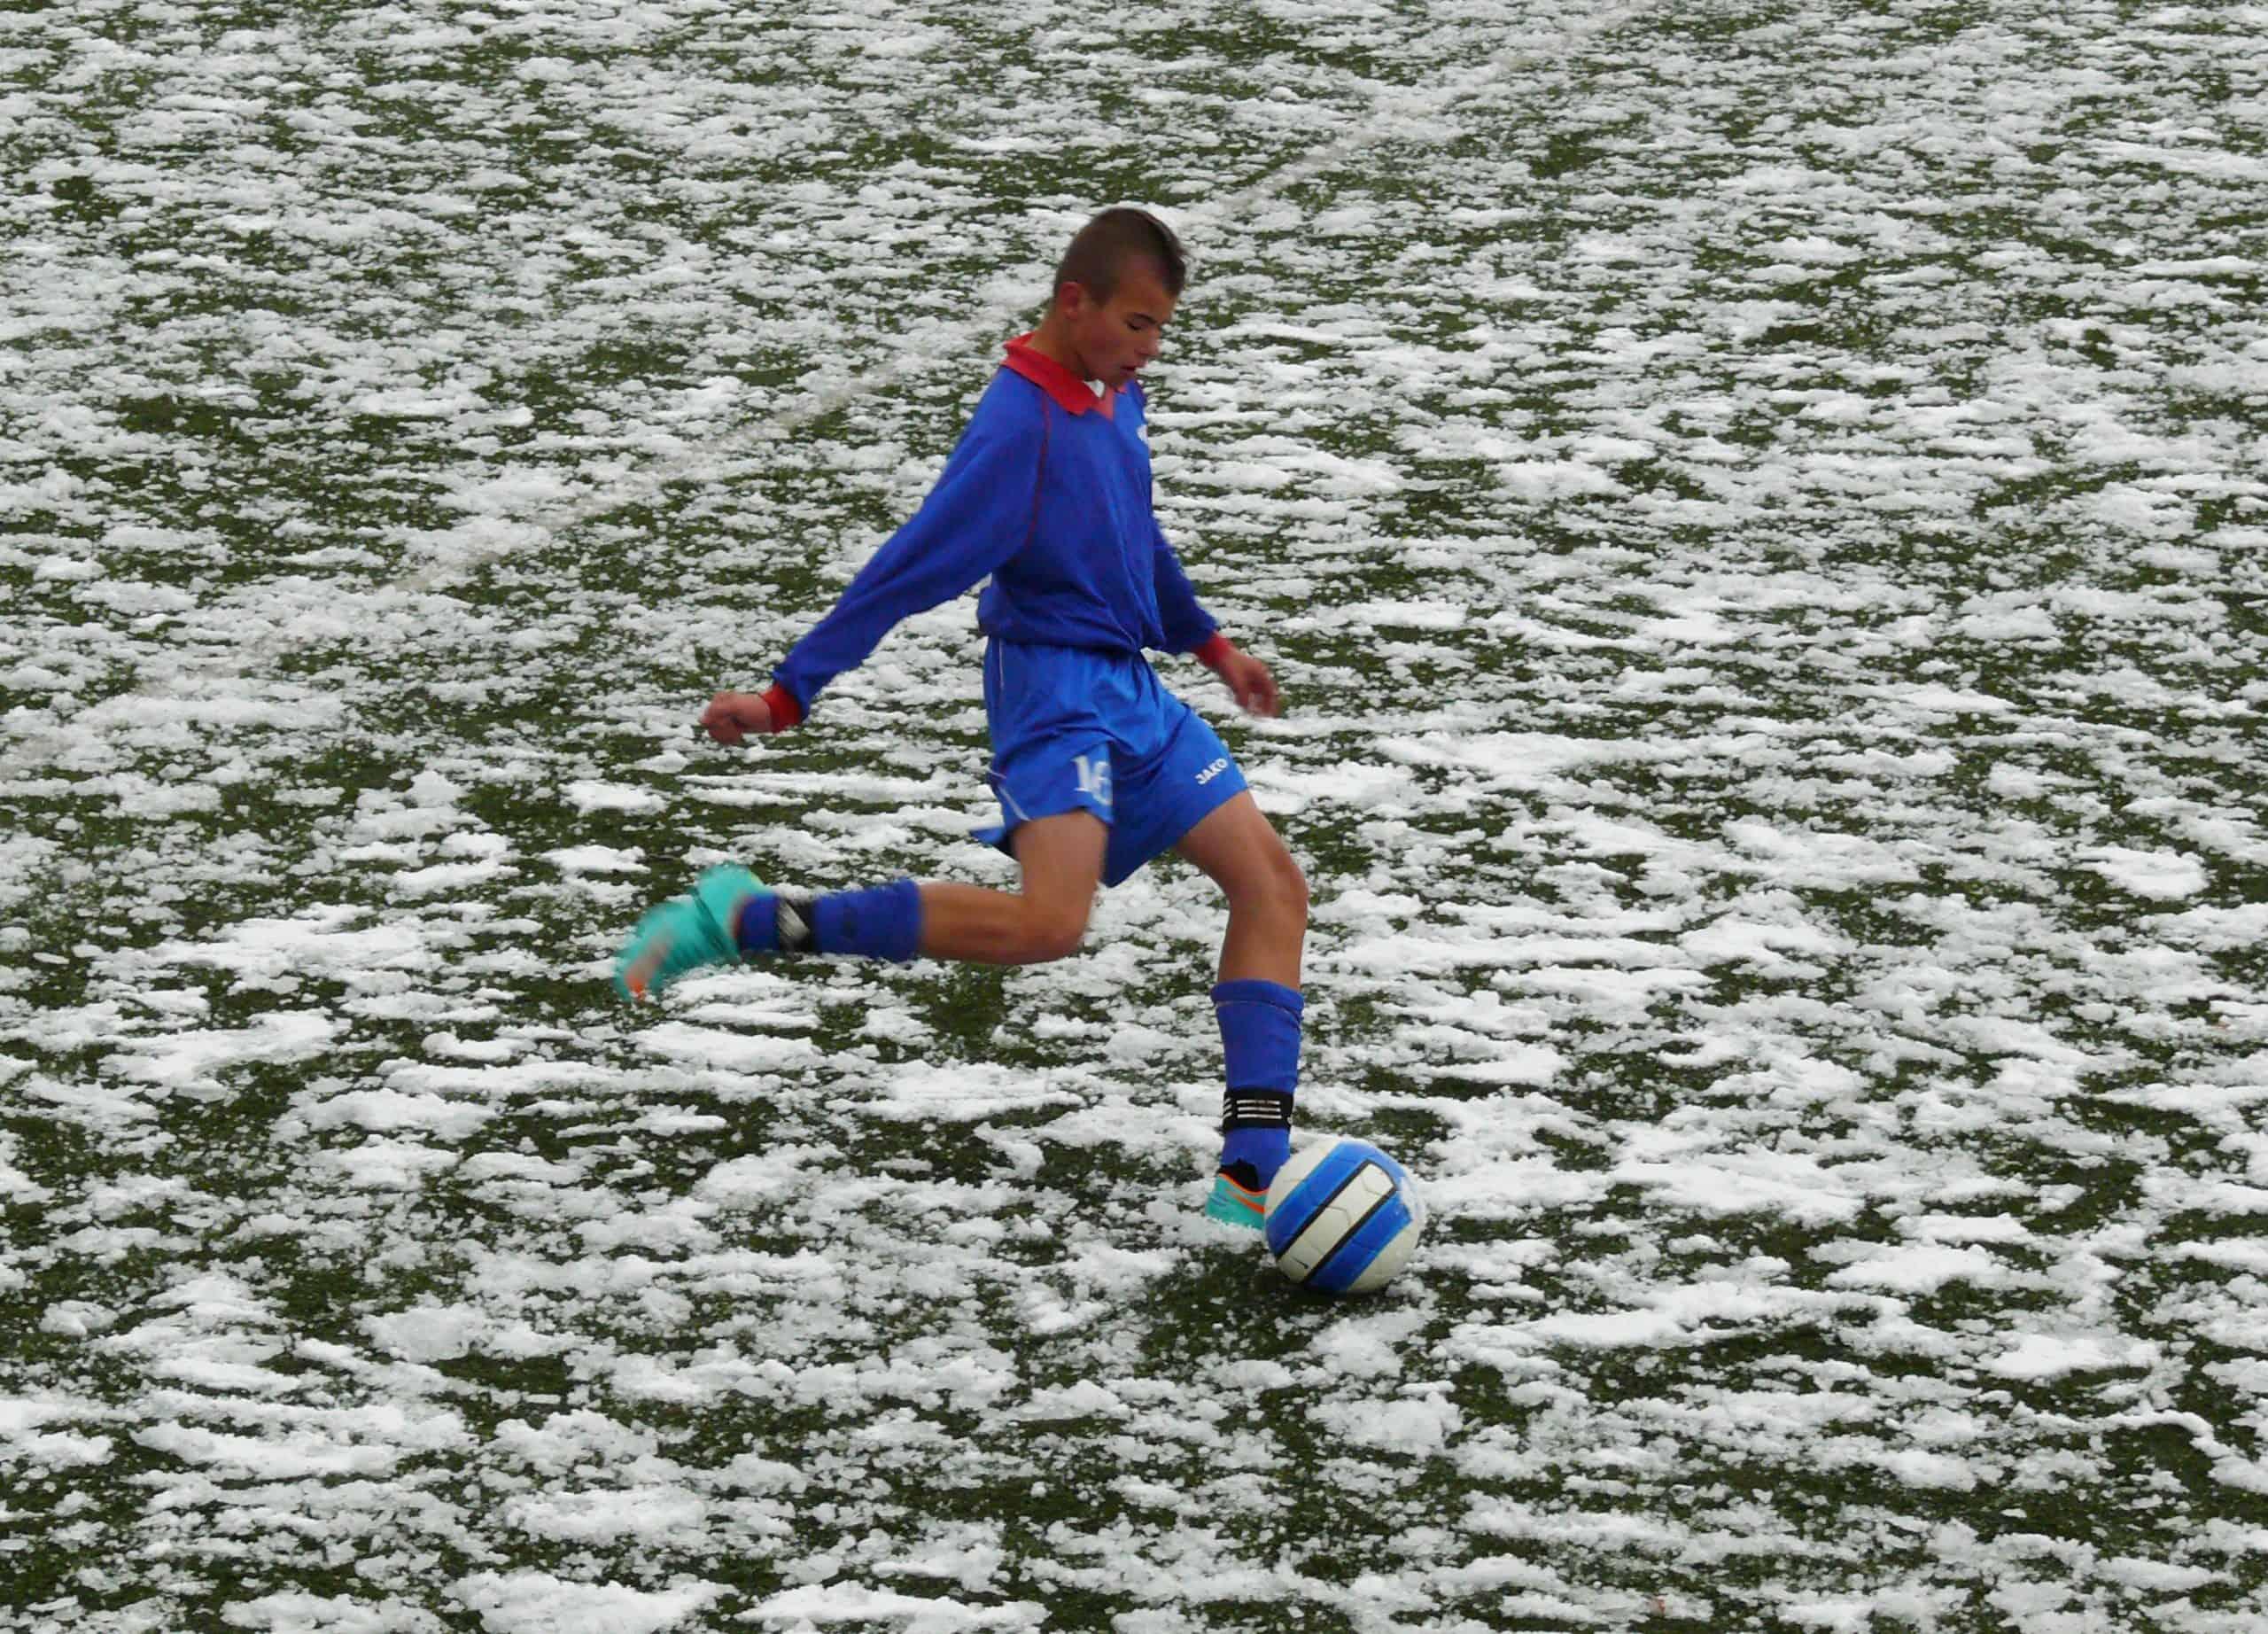 Ładowanie akumulatorów na cały rok. Jak powinny wyglądać zimowe treningi piłkarza-amatora?